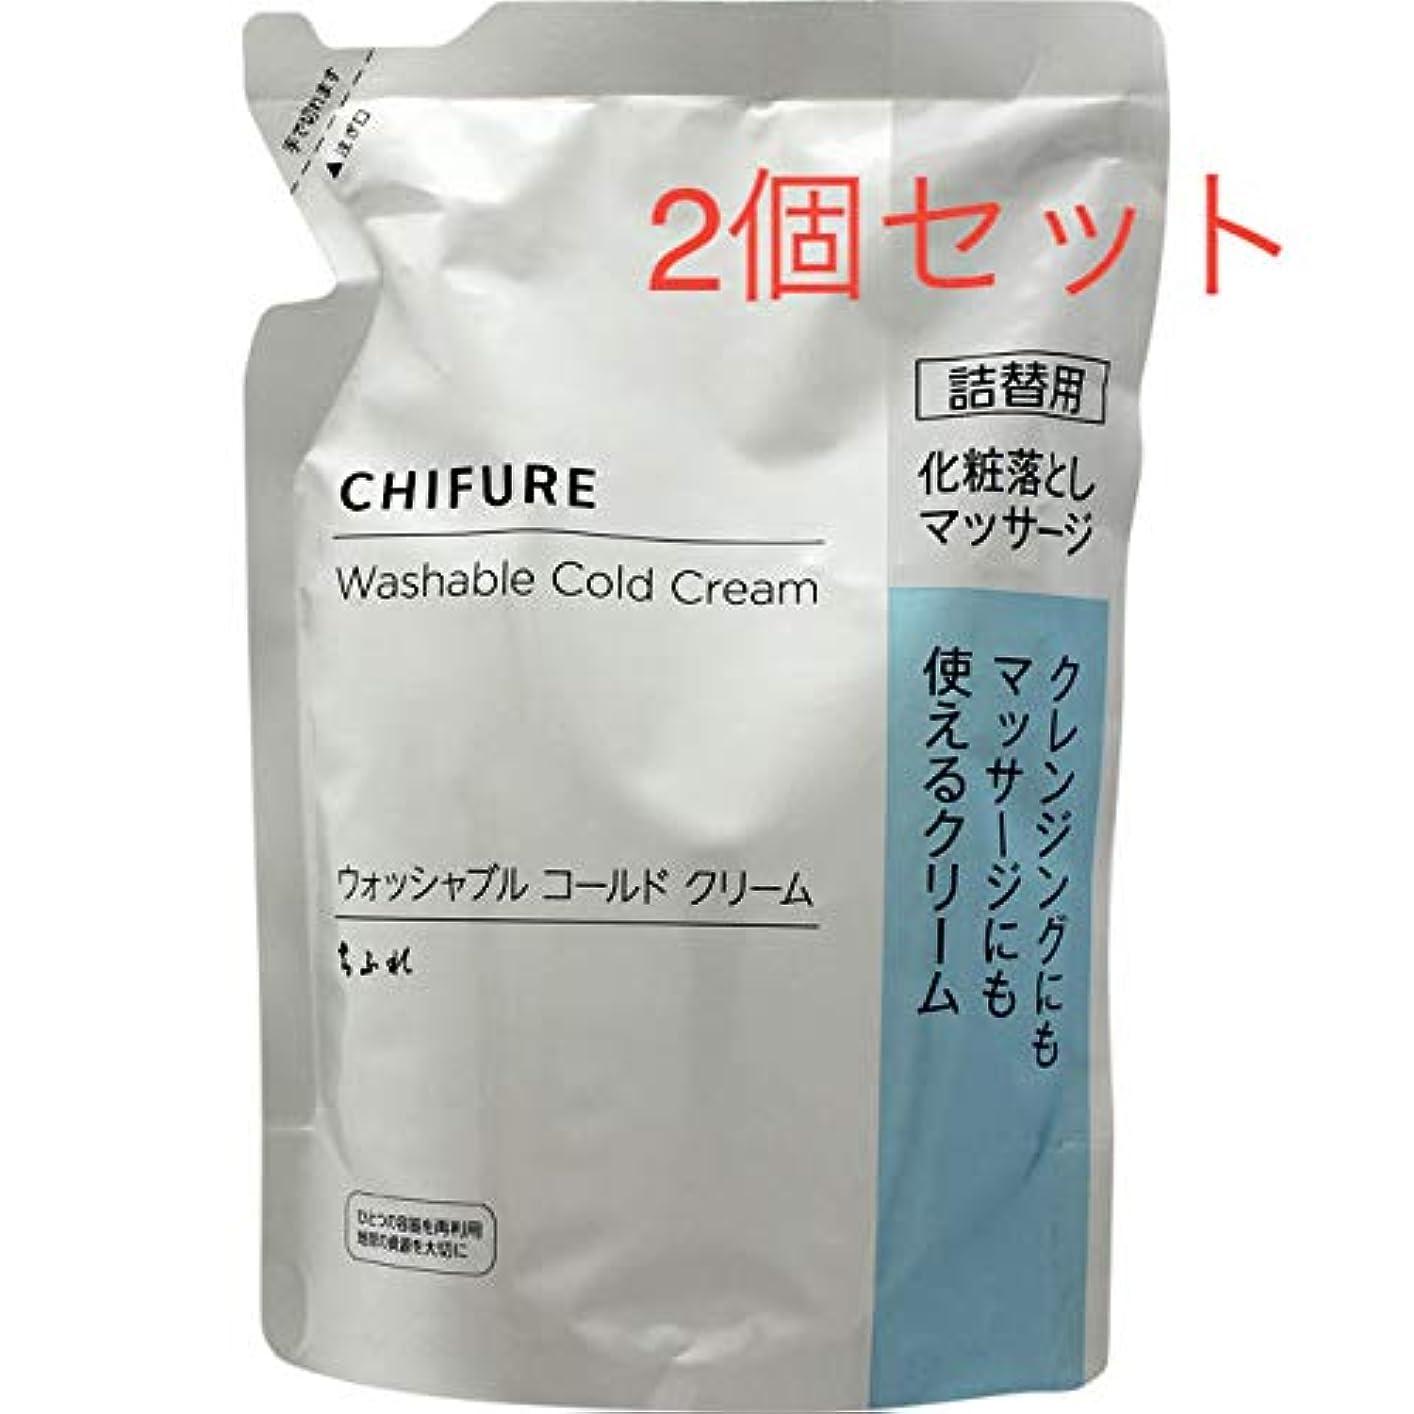 起きている浴主要なちふれ化粧品 ウォッシャブルコールドクリームN詰替 300g 2個セット